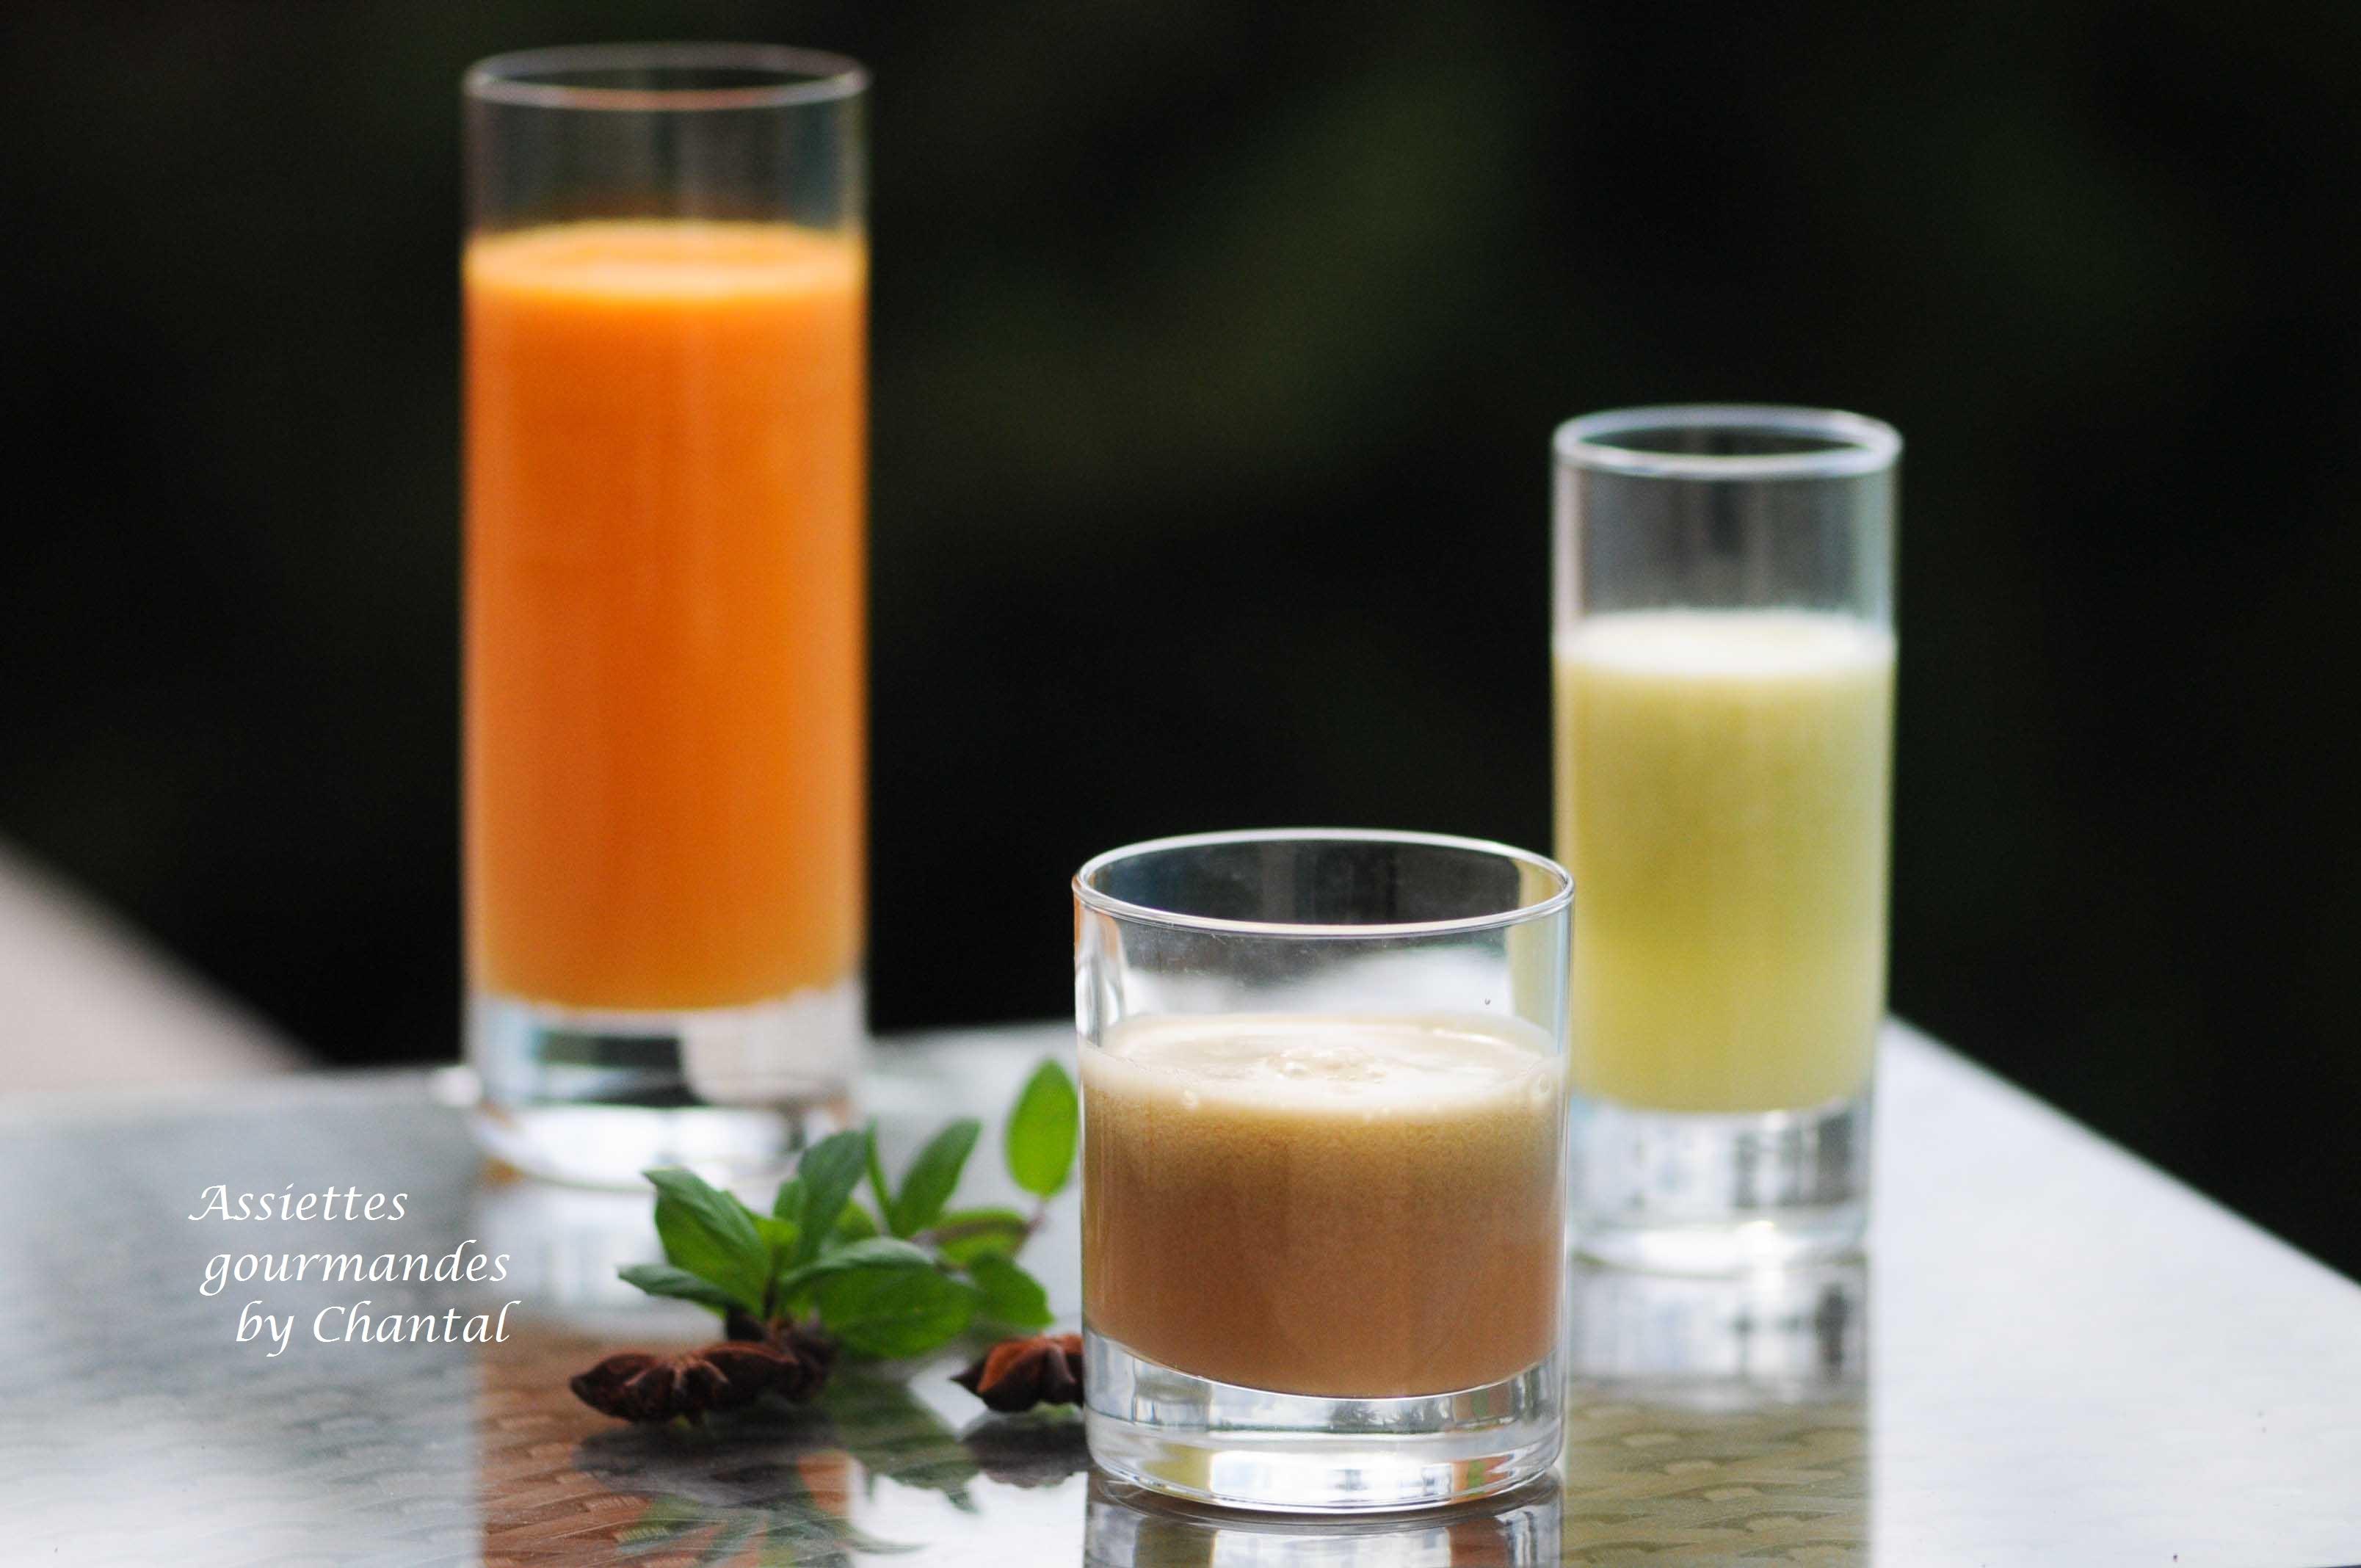 Jus de fruits et légumes - Cocktails vitaminés